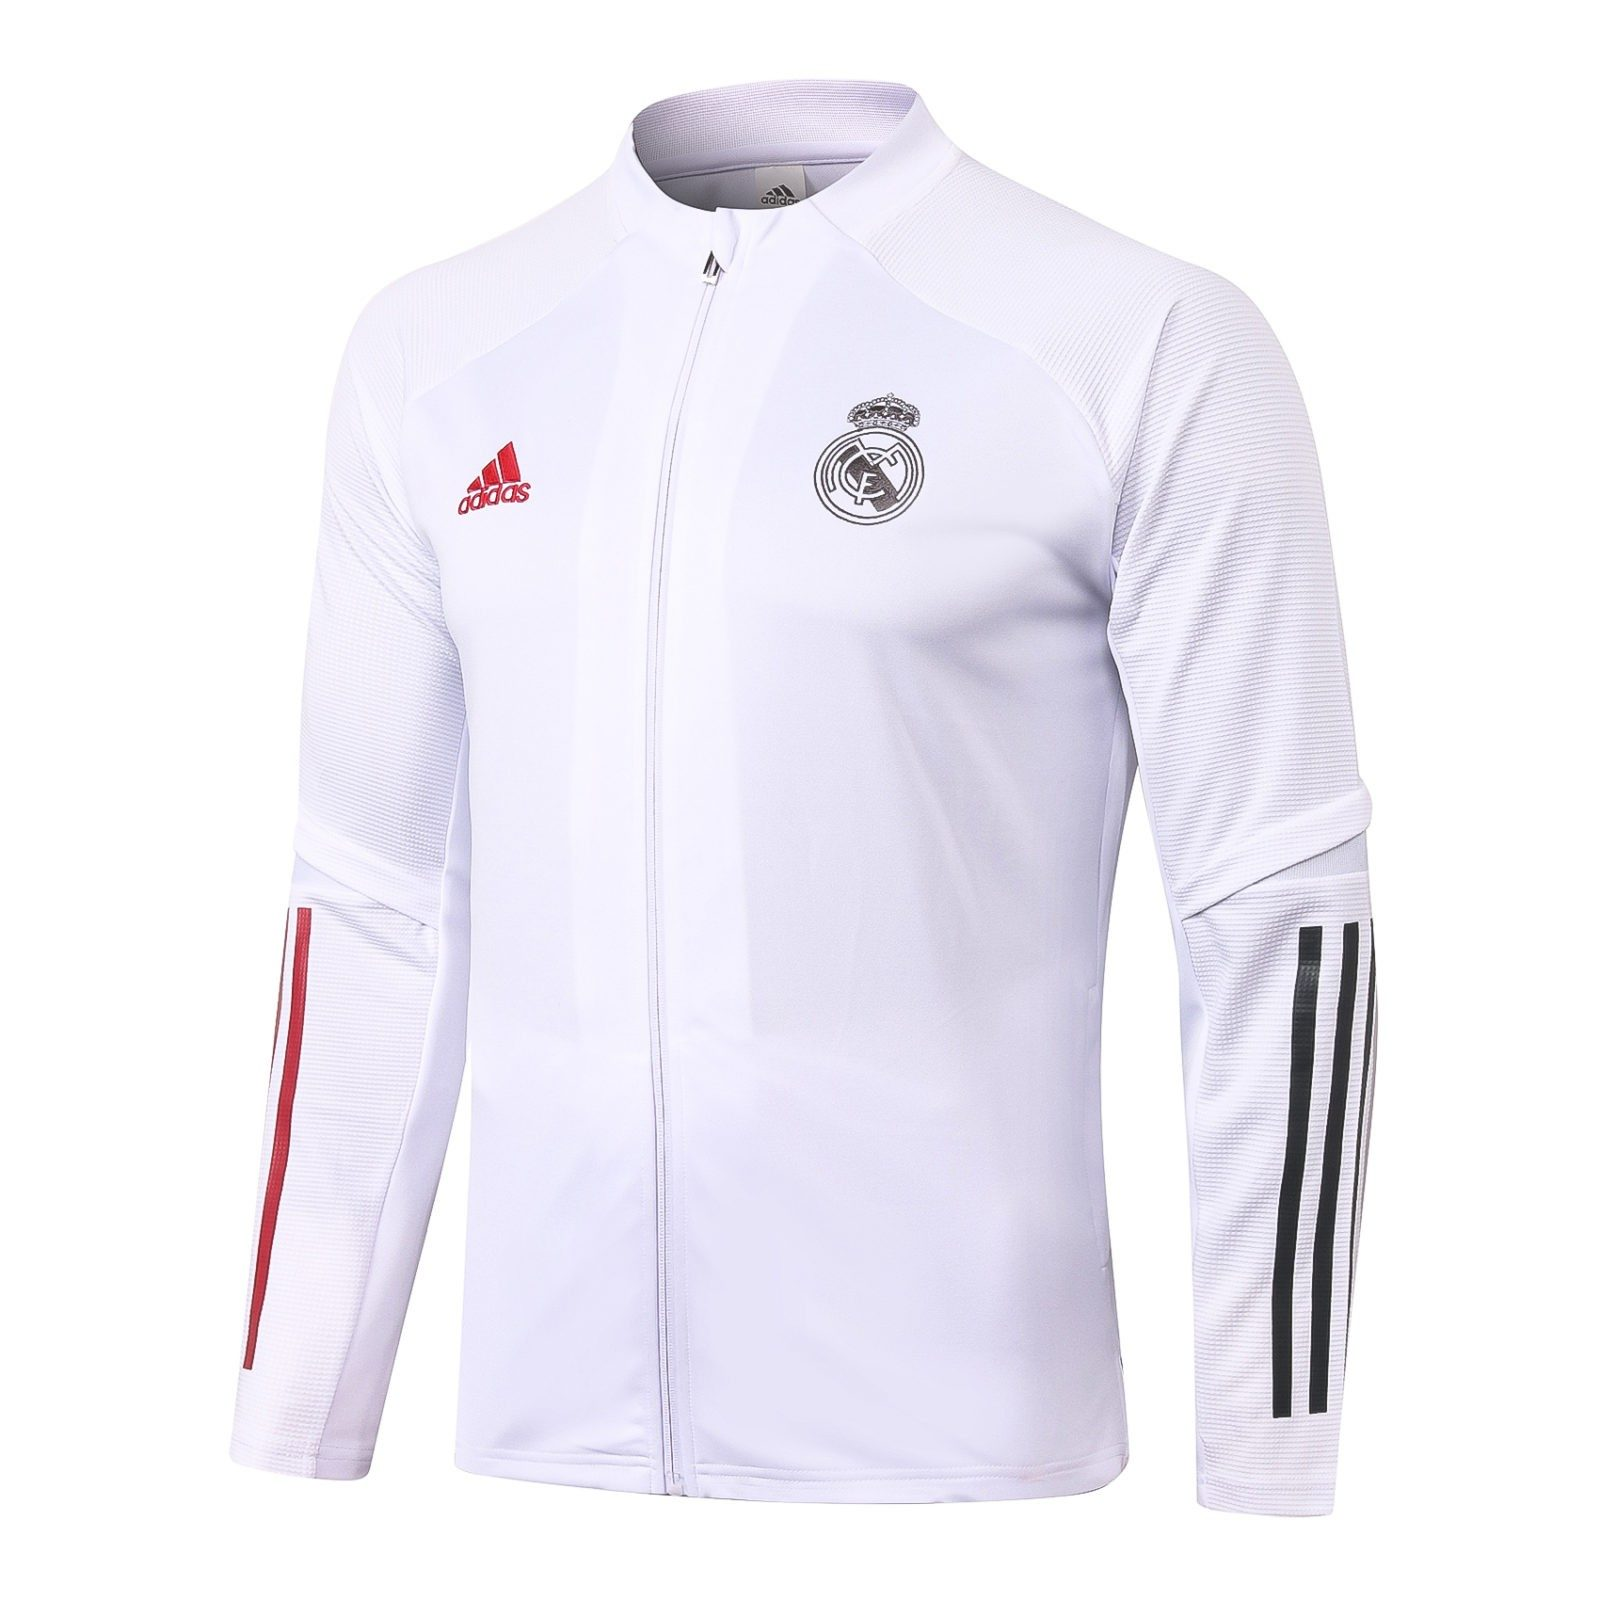 Олимпийка Реал Мадрид сезон 2020-2021 (Белая 2)